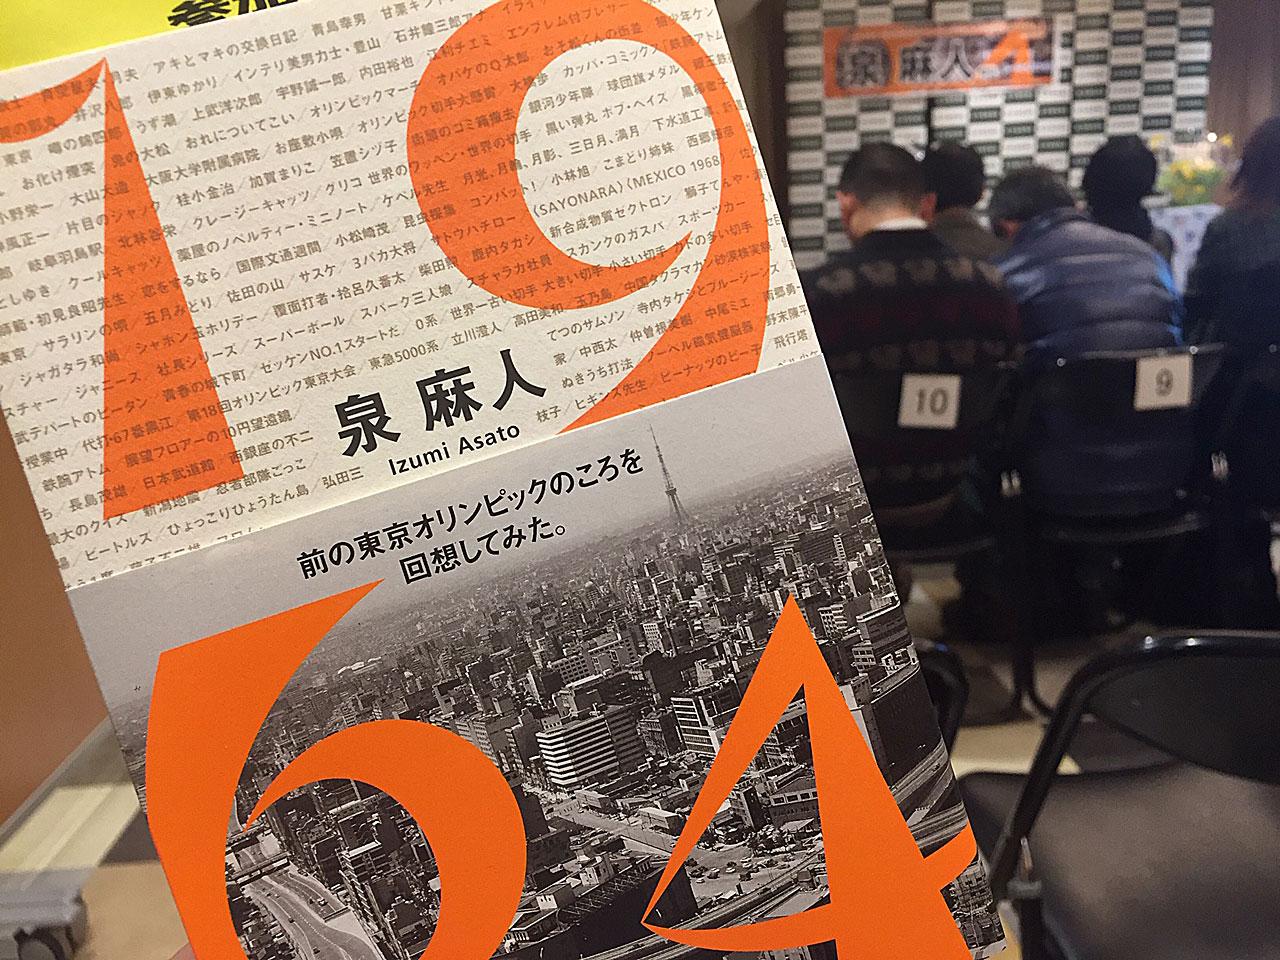 三賢社イベント | ONDweb